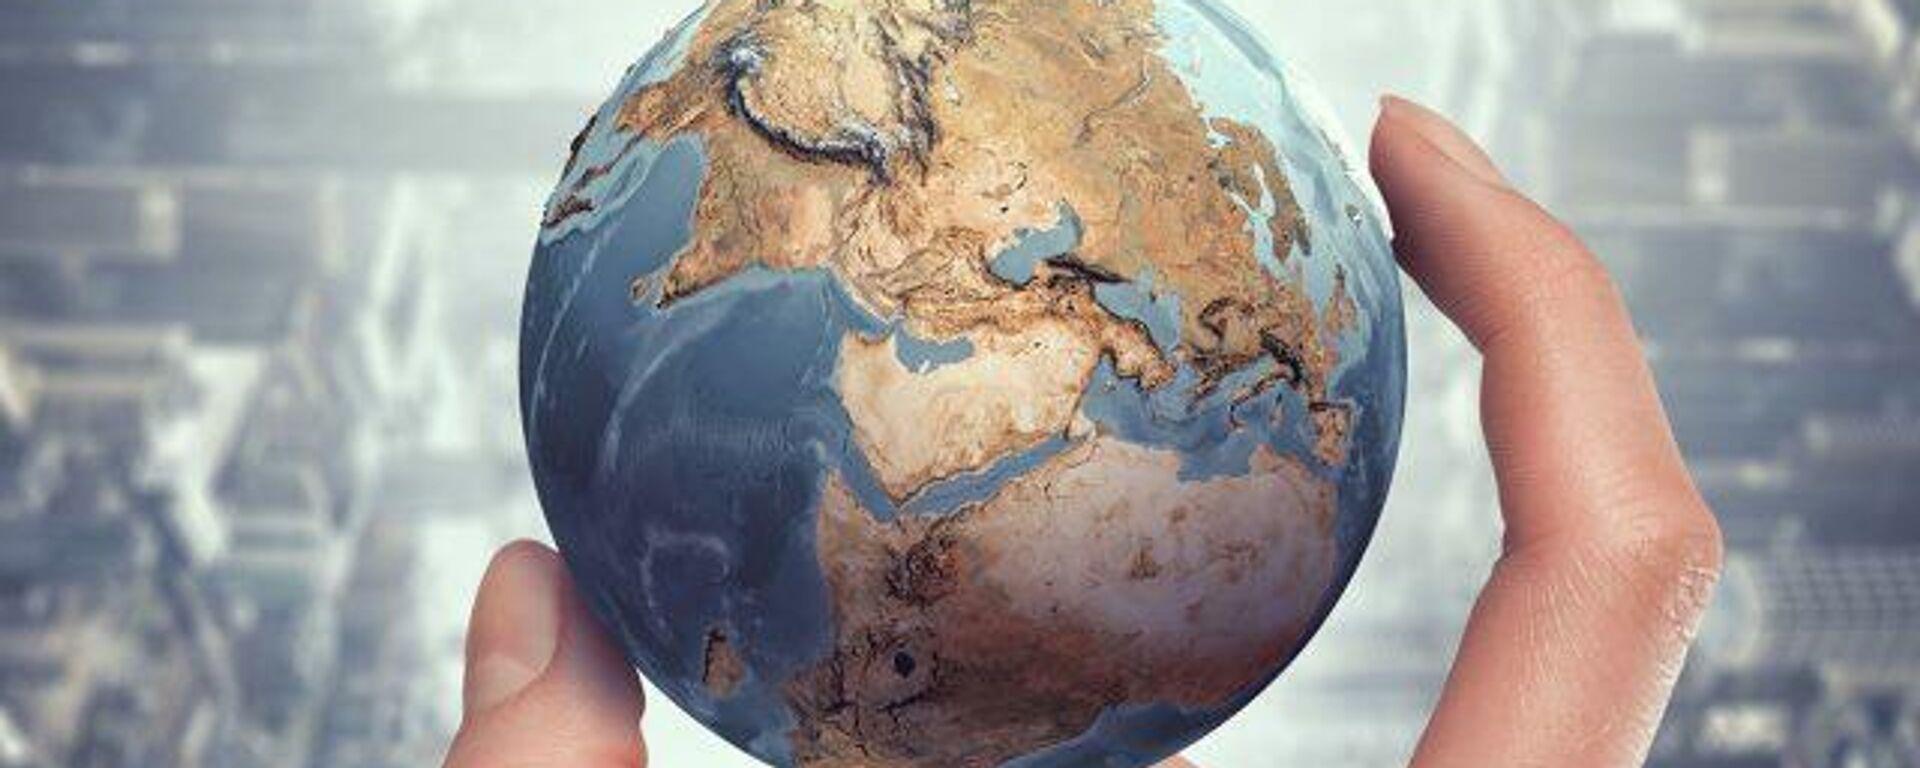 ¡Largaron!: comenzó la carrera por la presidencia en Chile - Sputnik Mundo, 1920, 22.09.2021